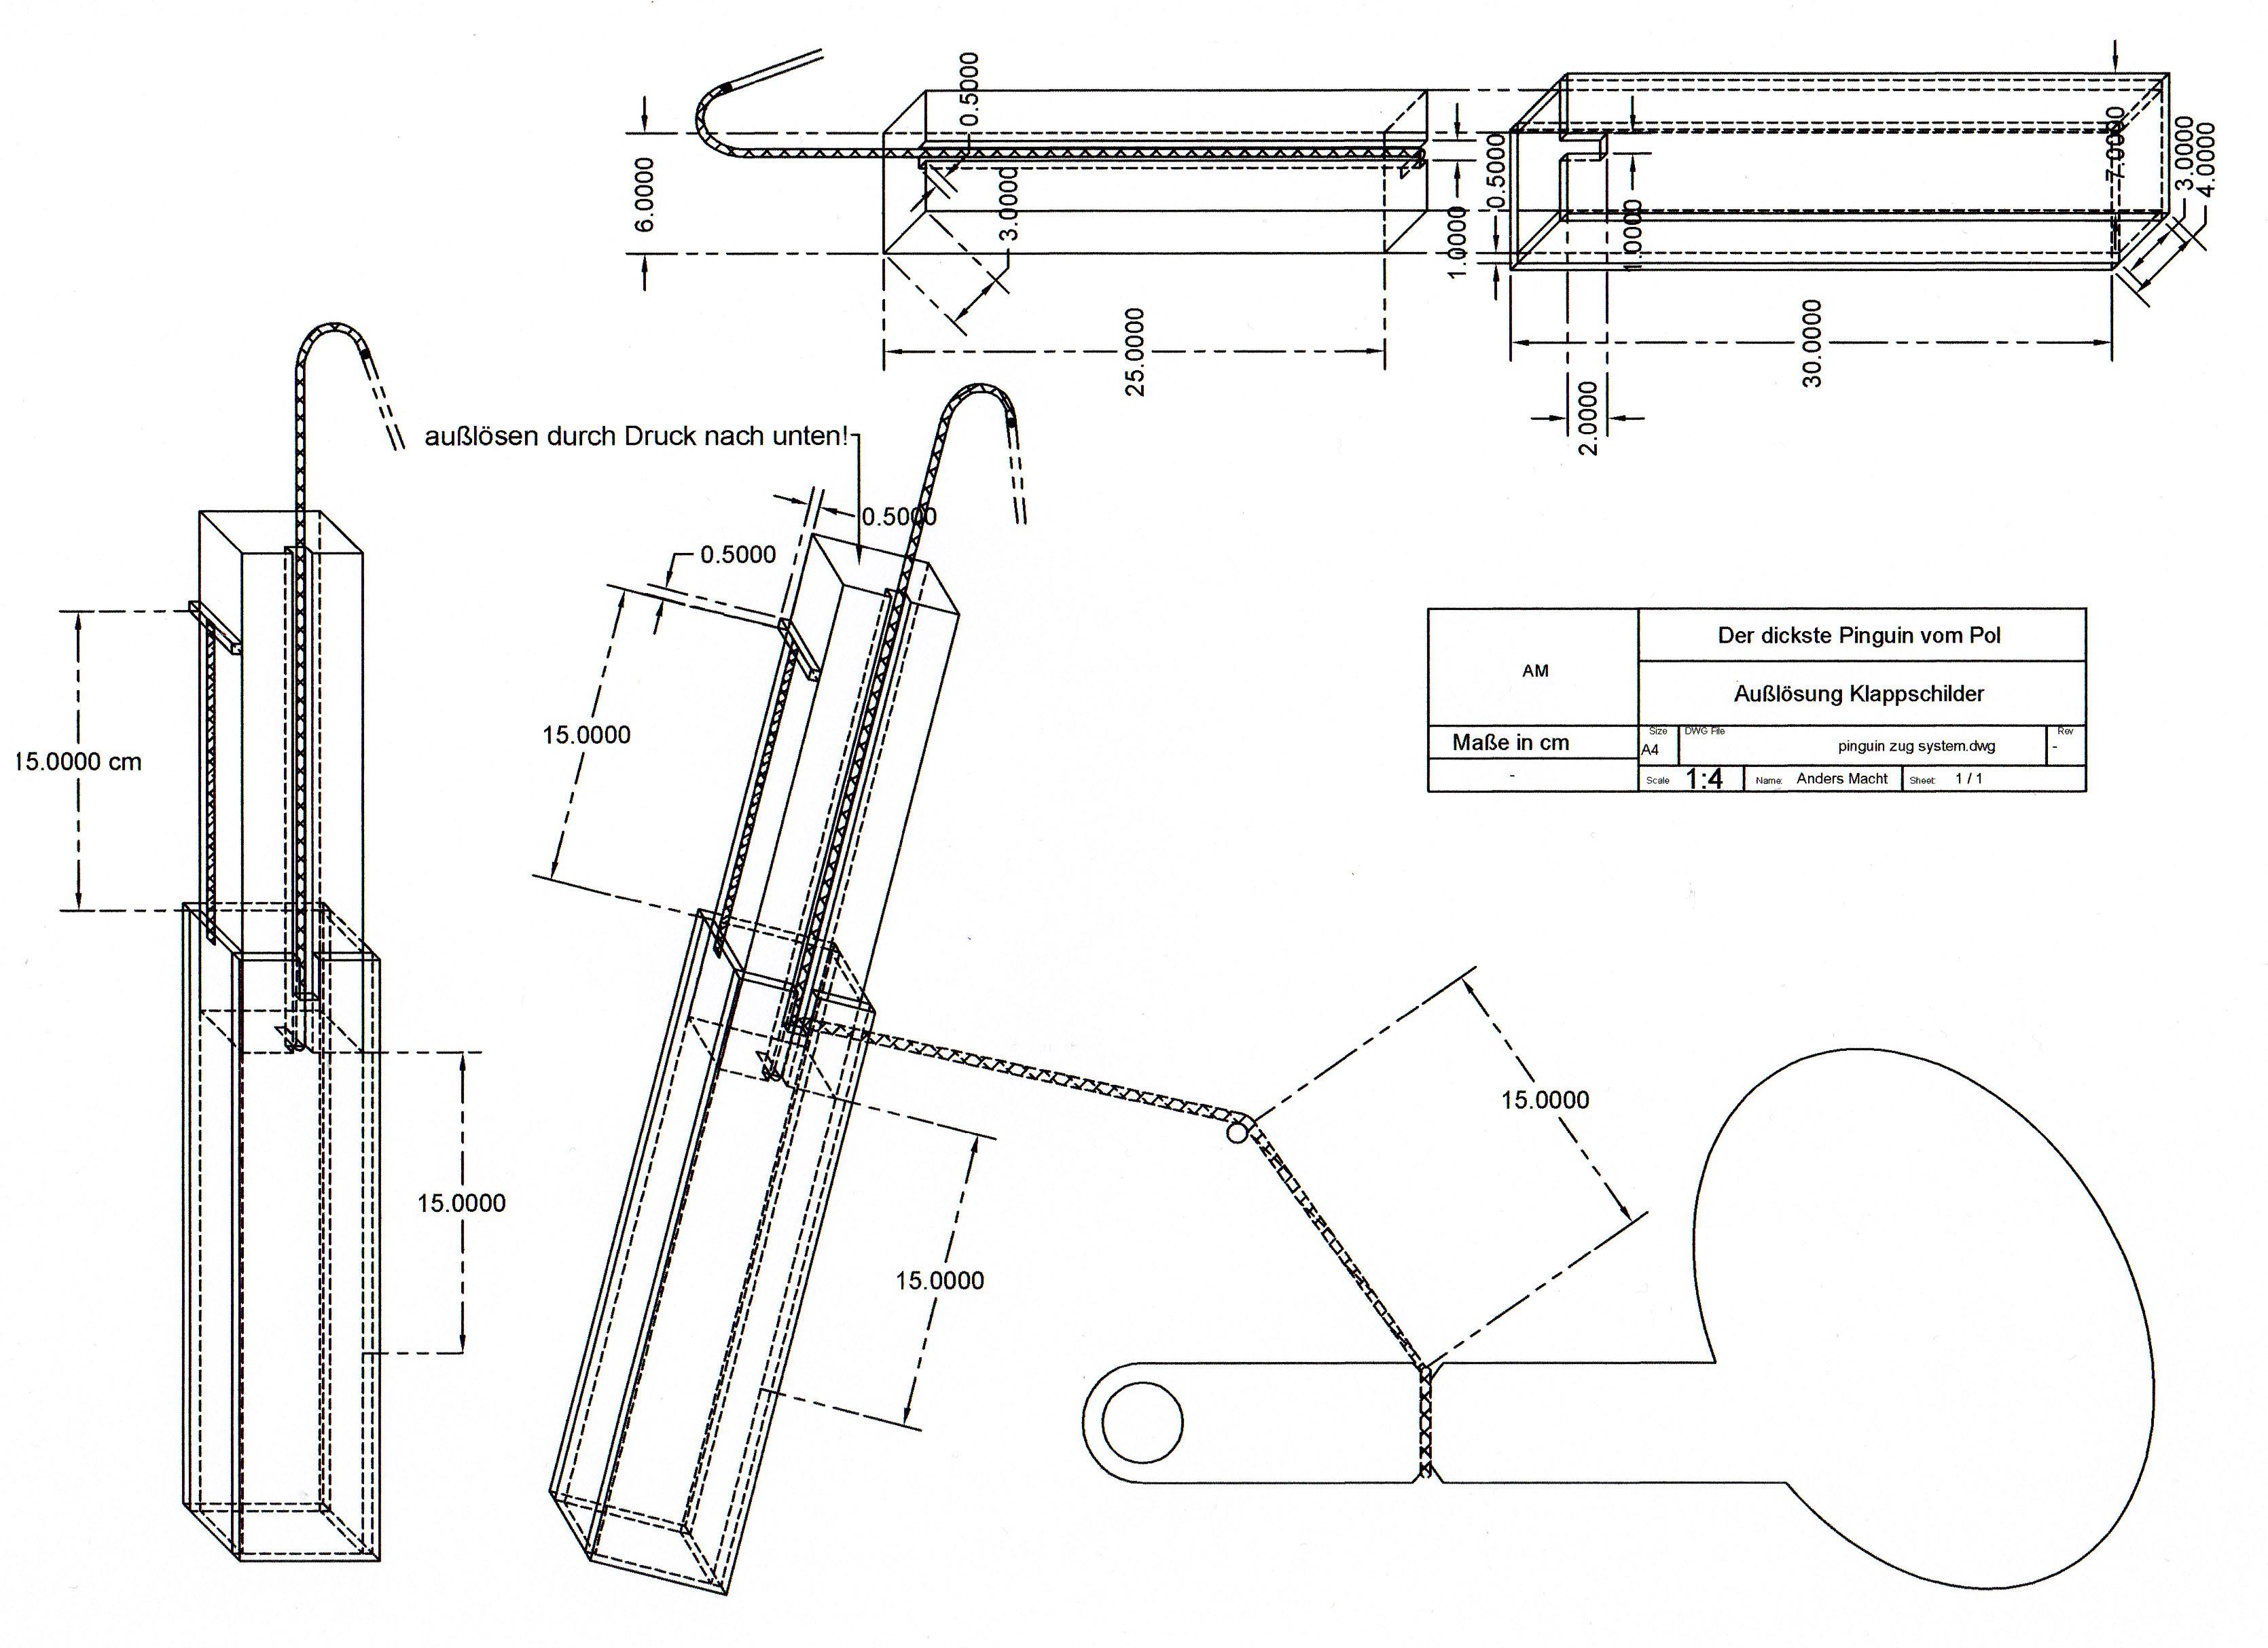 Ziemlich Technische Entwurfsvorlage Bilder - Beispielzusammenfassung ...